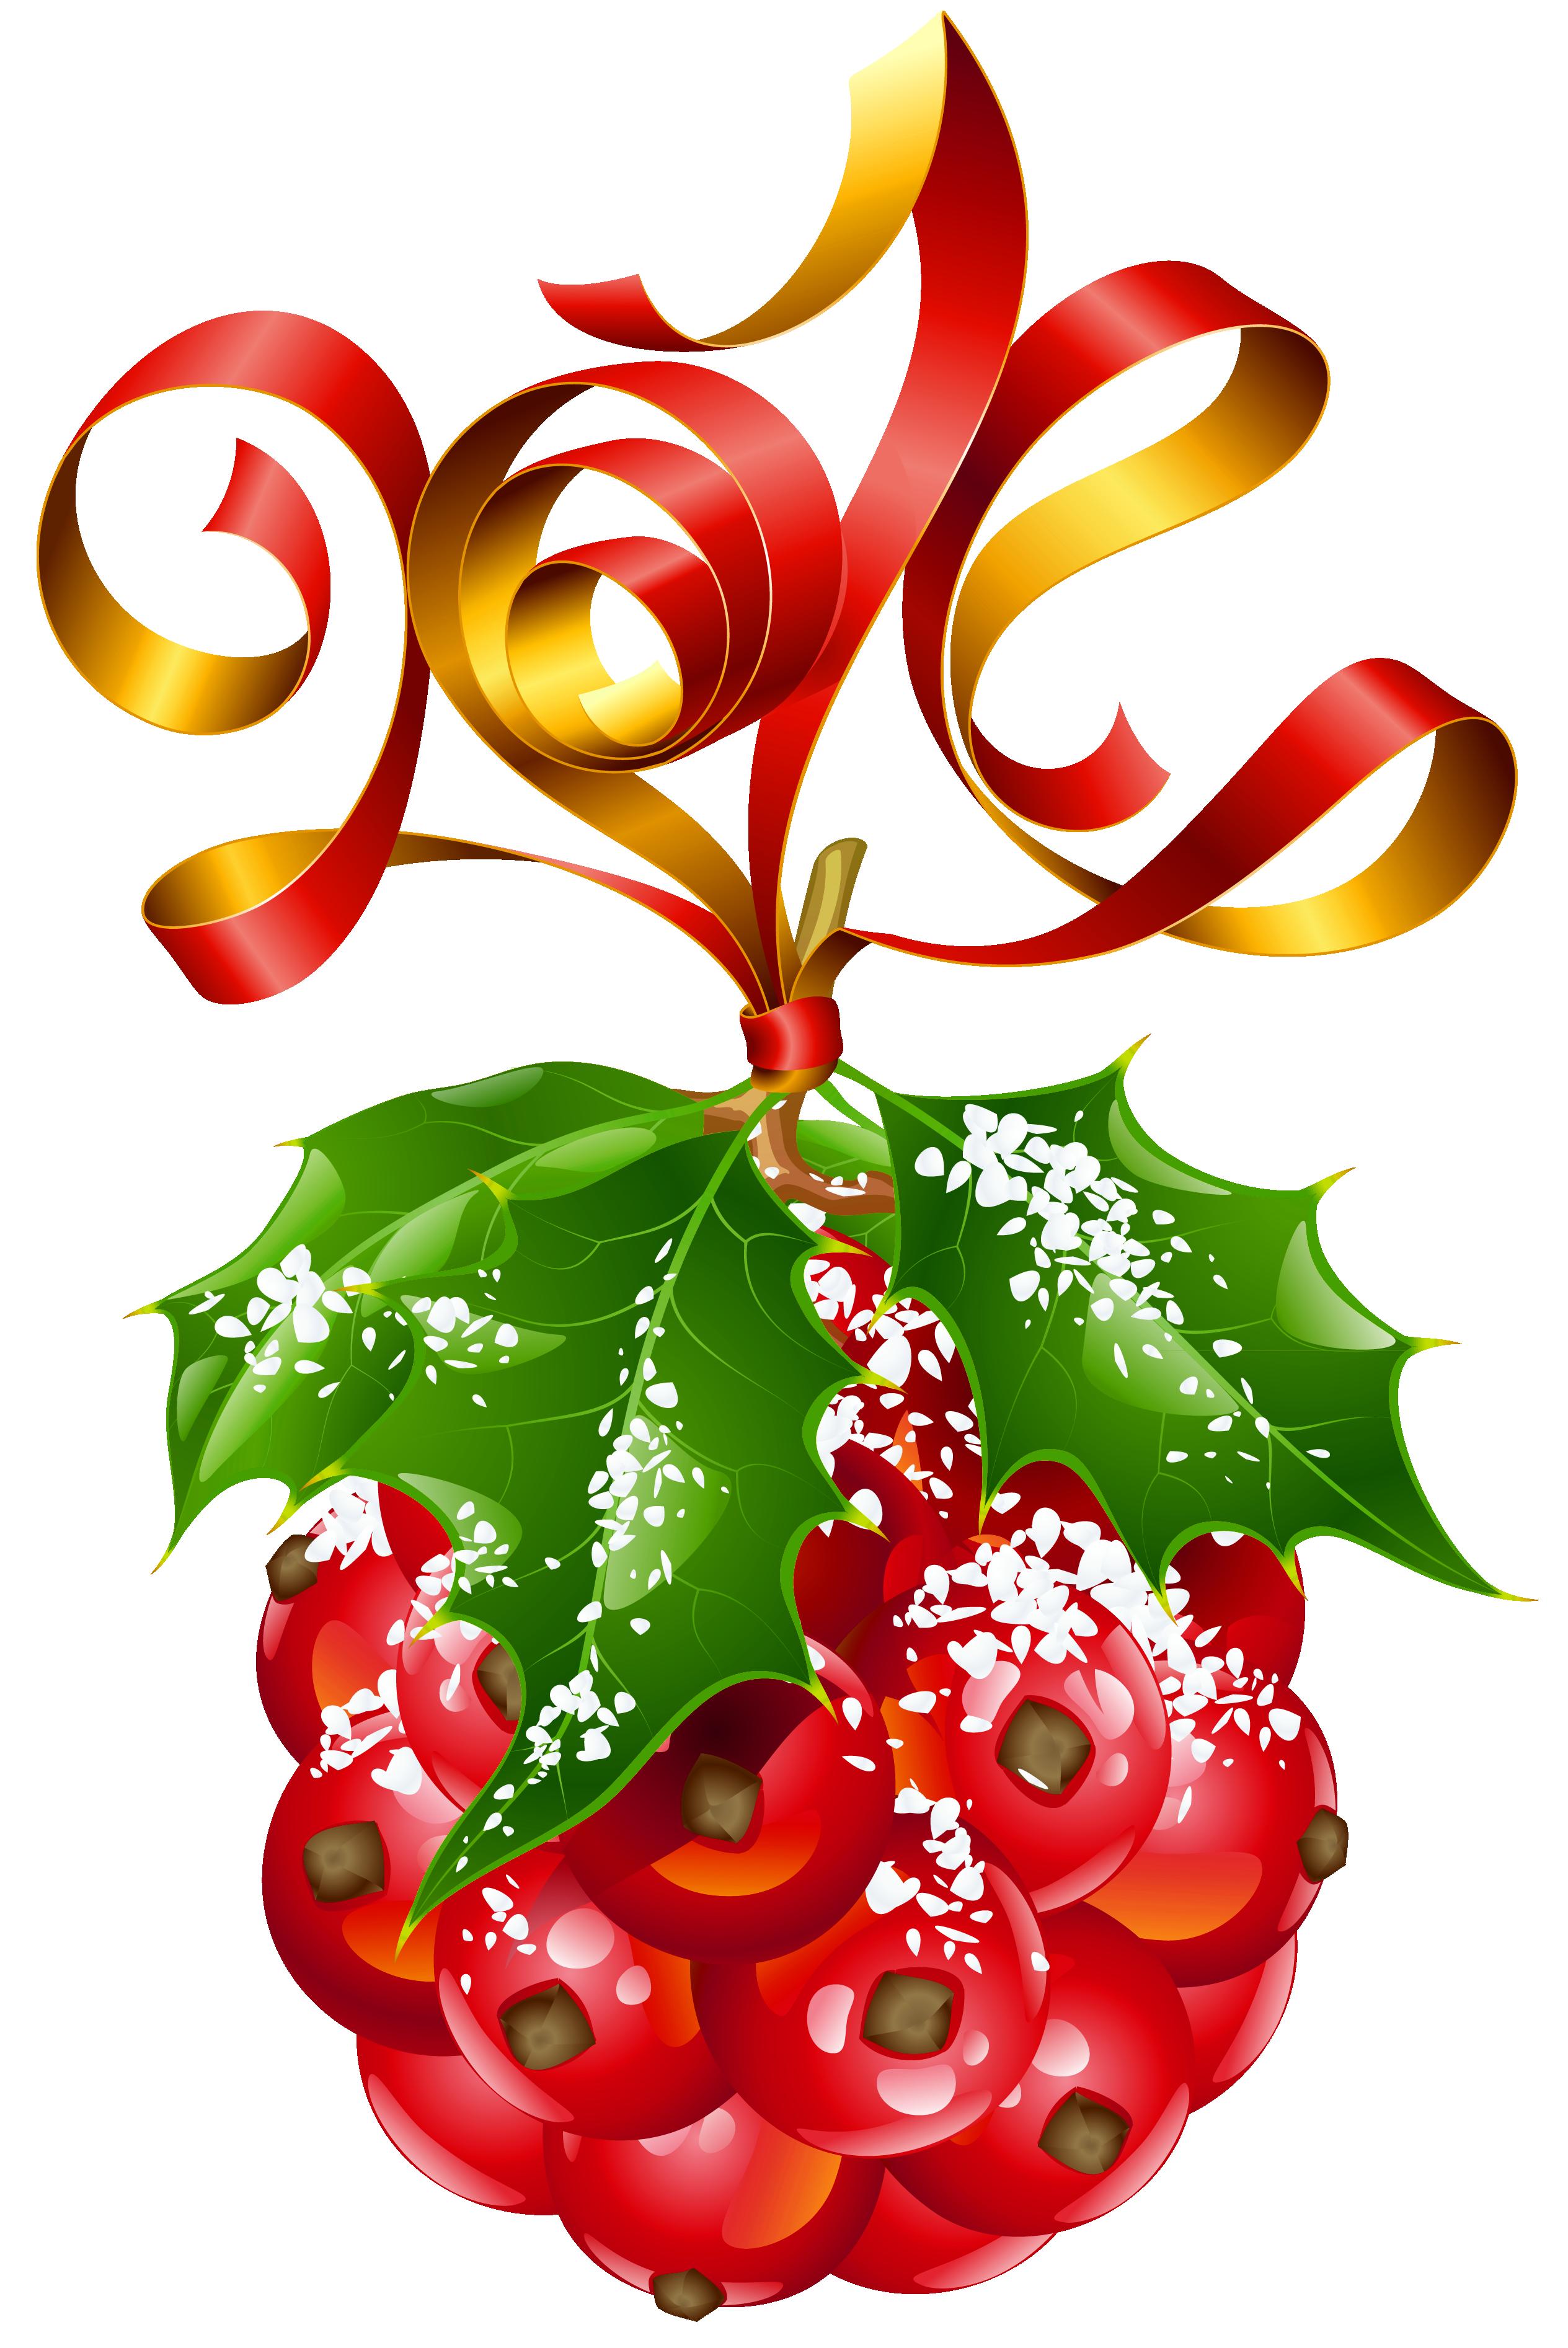 Mistletoe ornament png picture. Clipart fruit christmas